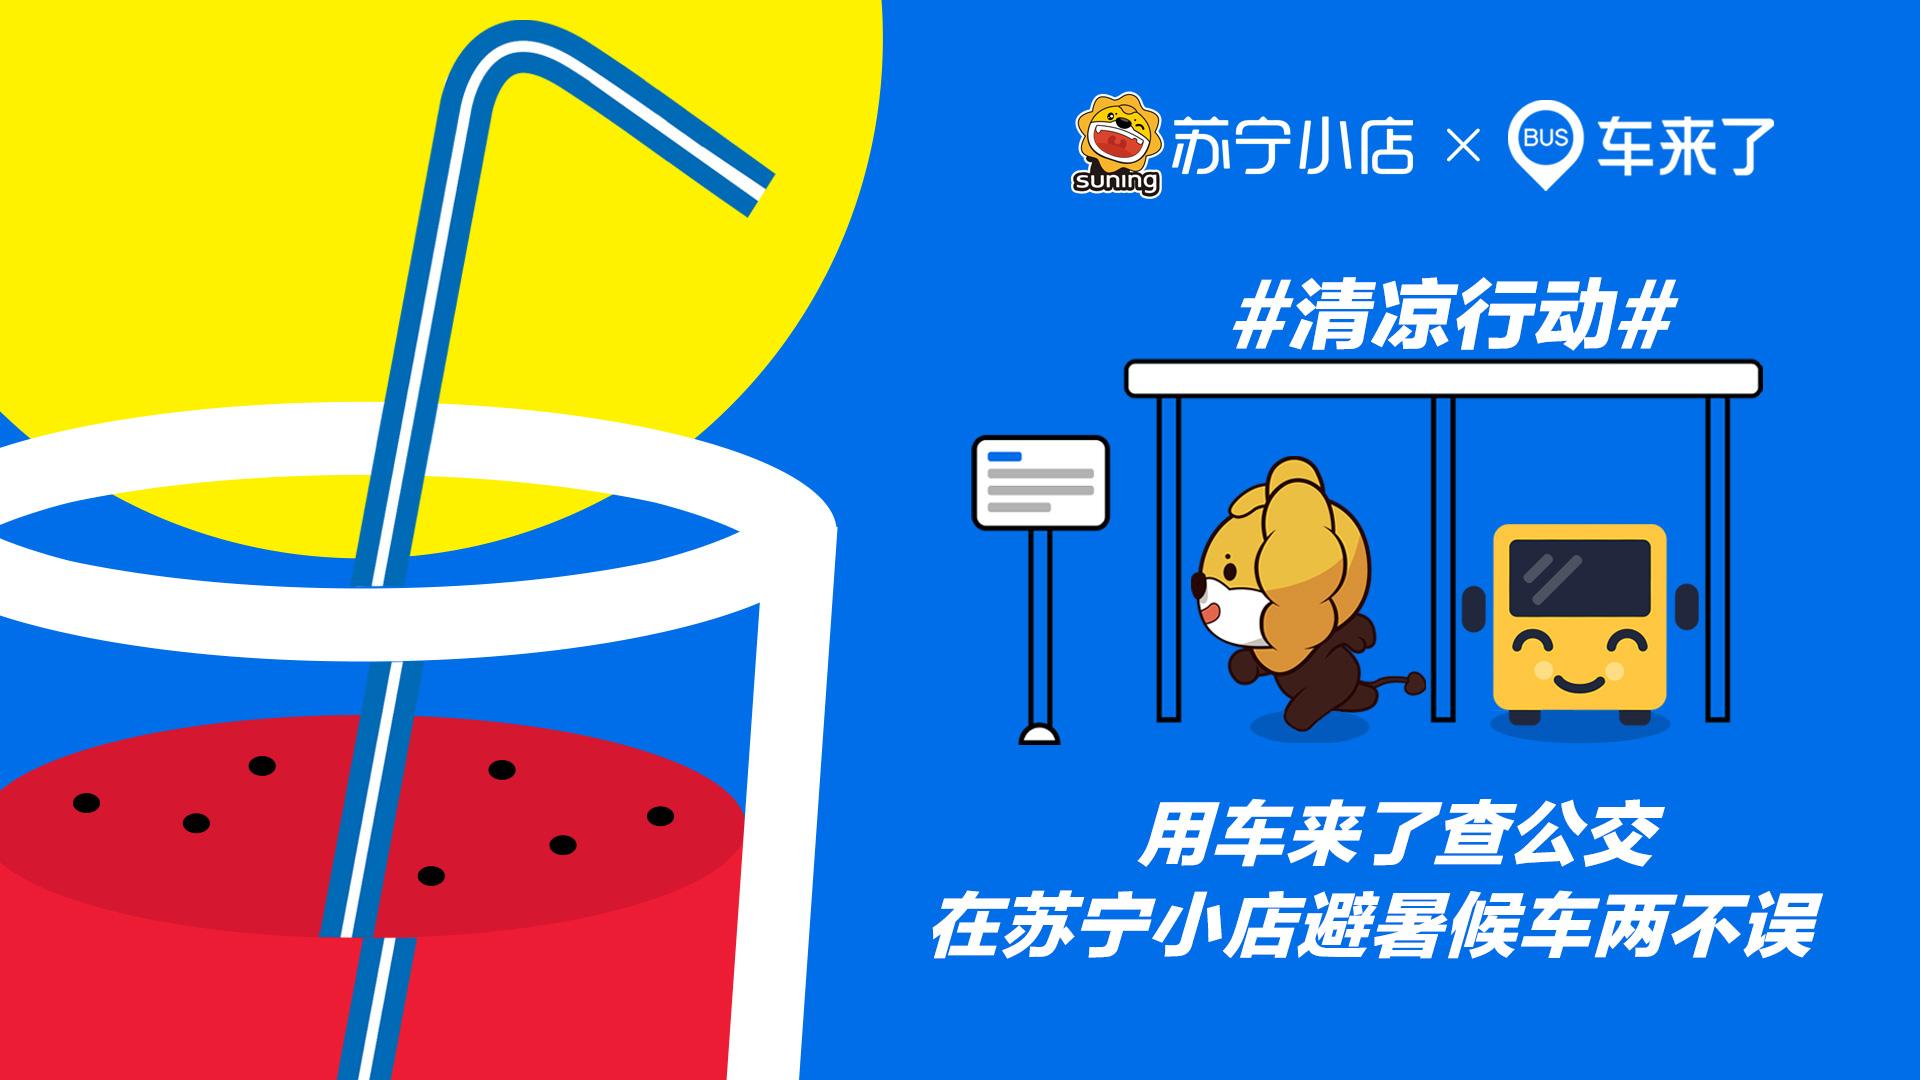 高温出行季,苏宁小店携手车来了发起清凉活动